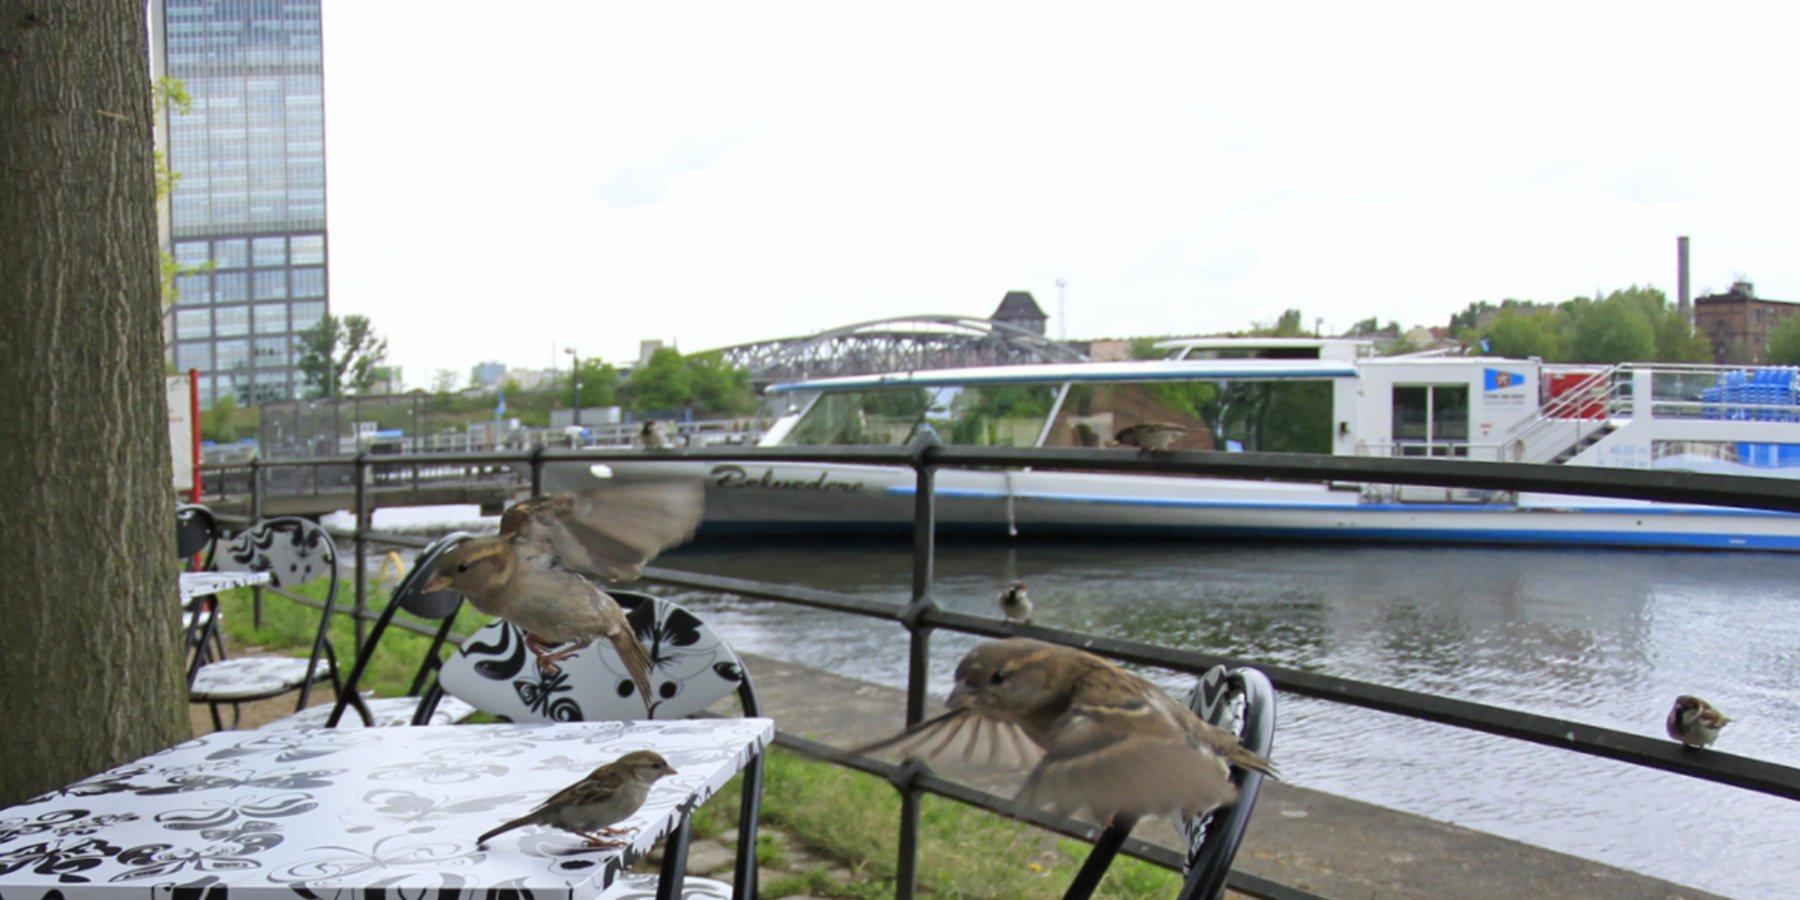 Mehrere Haussperlinge flattern auf einen Tisch am Wasser zu.